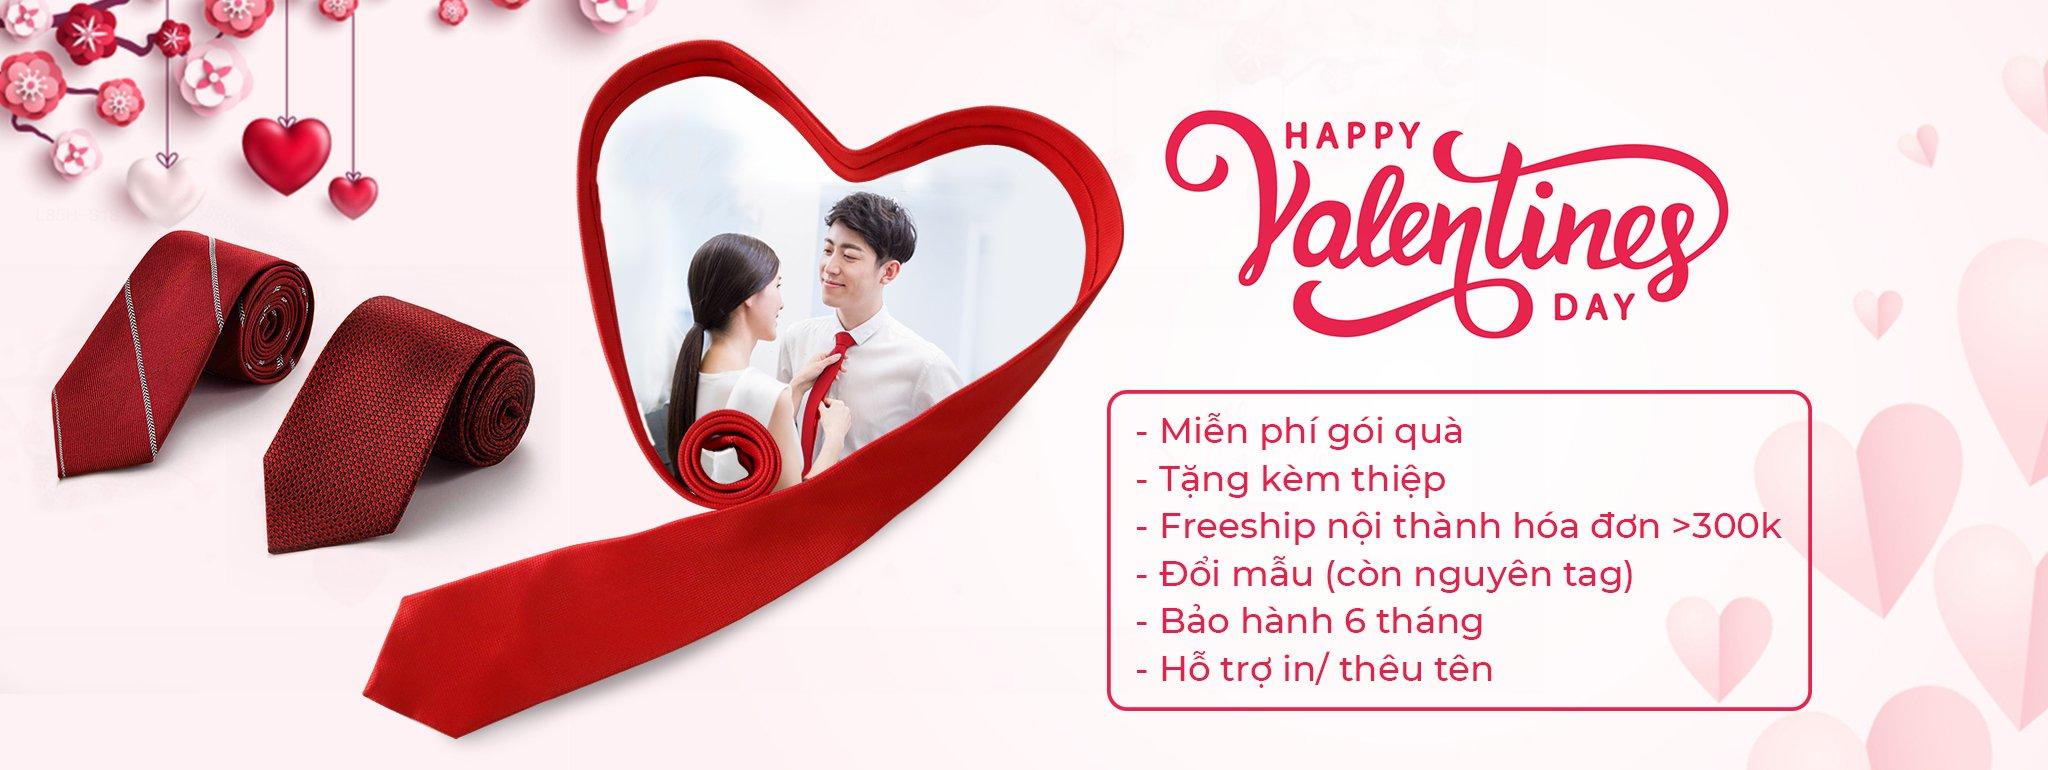 quà tặng valentine 2021 cho bạn trai và cho chồng Thomas Nguyen